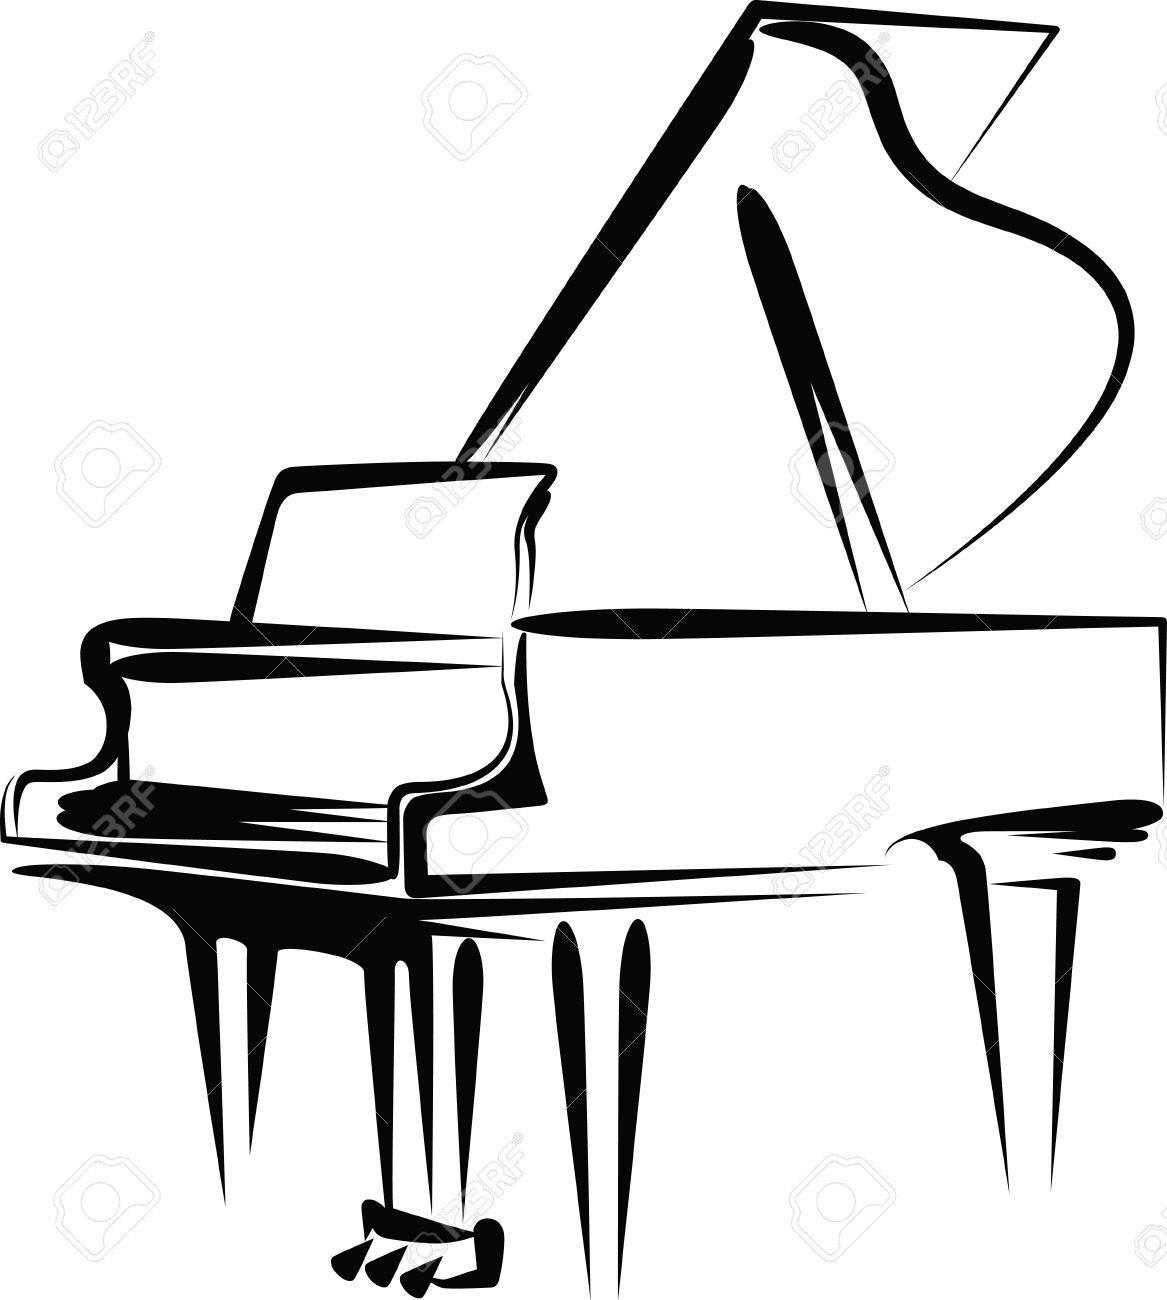 Piano Key Clipart.